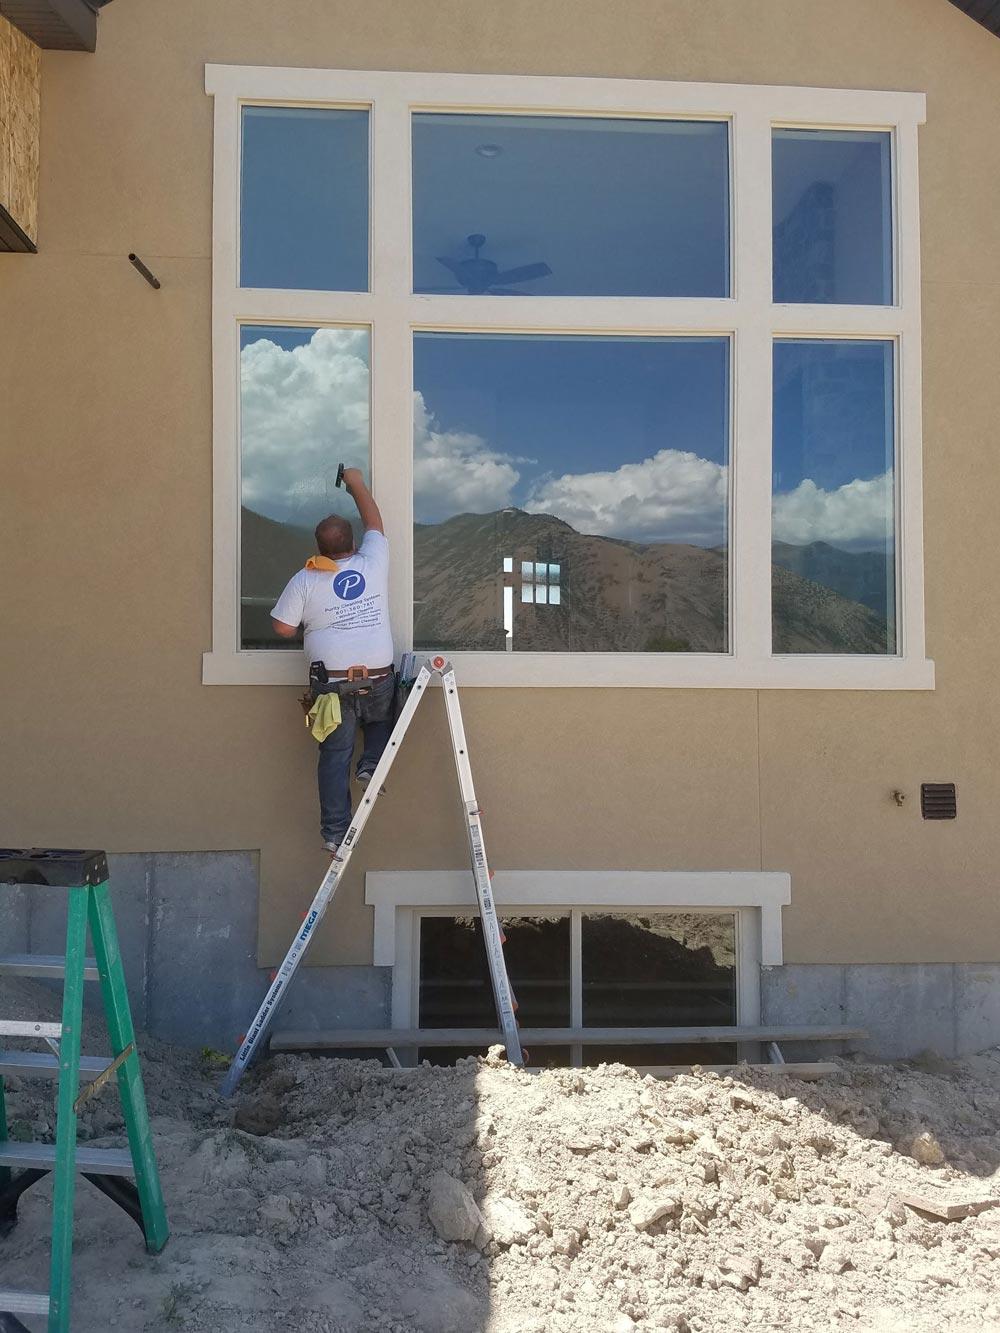 Residential window cleaning in Utah County